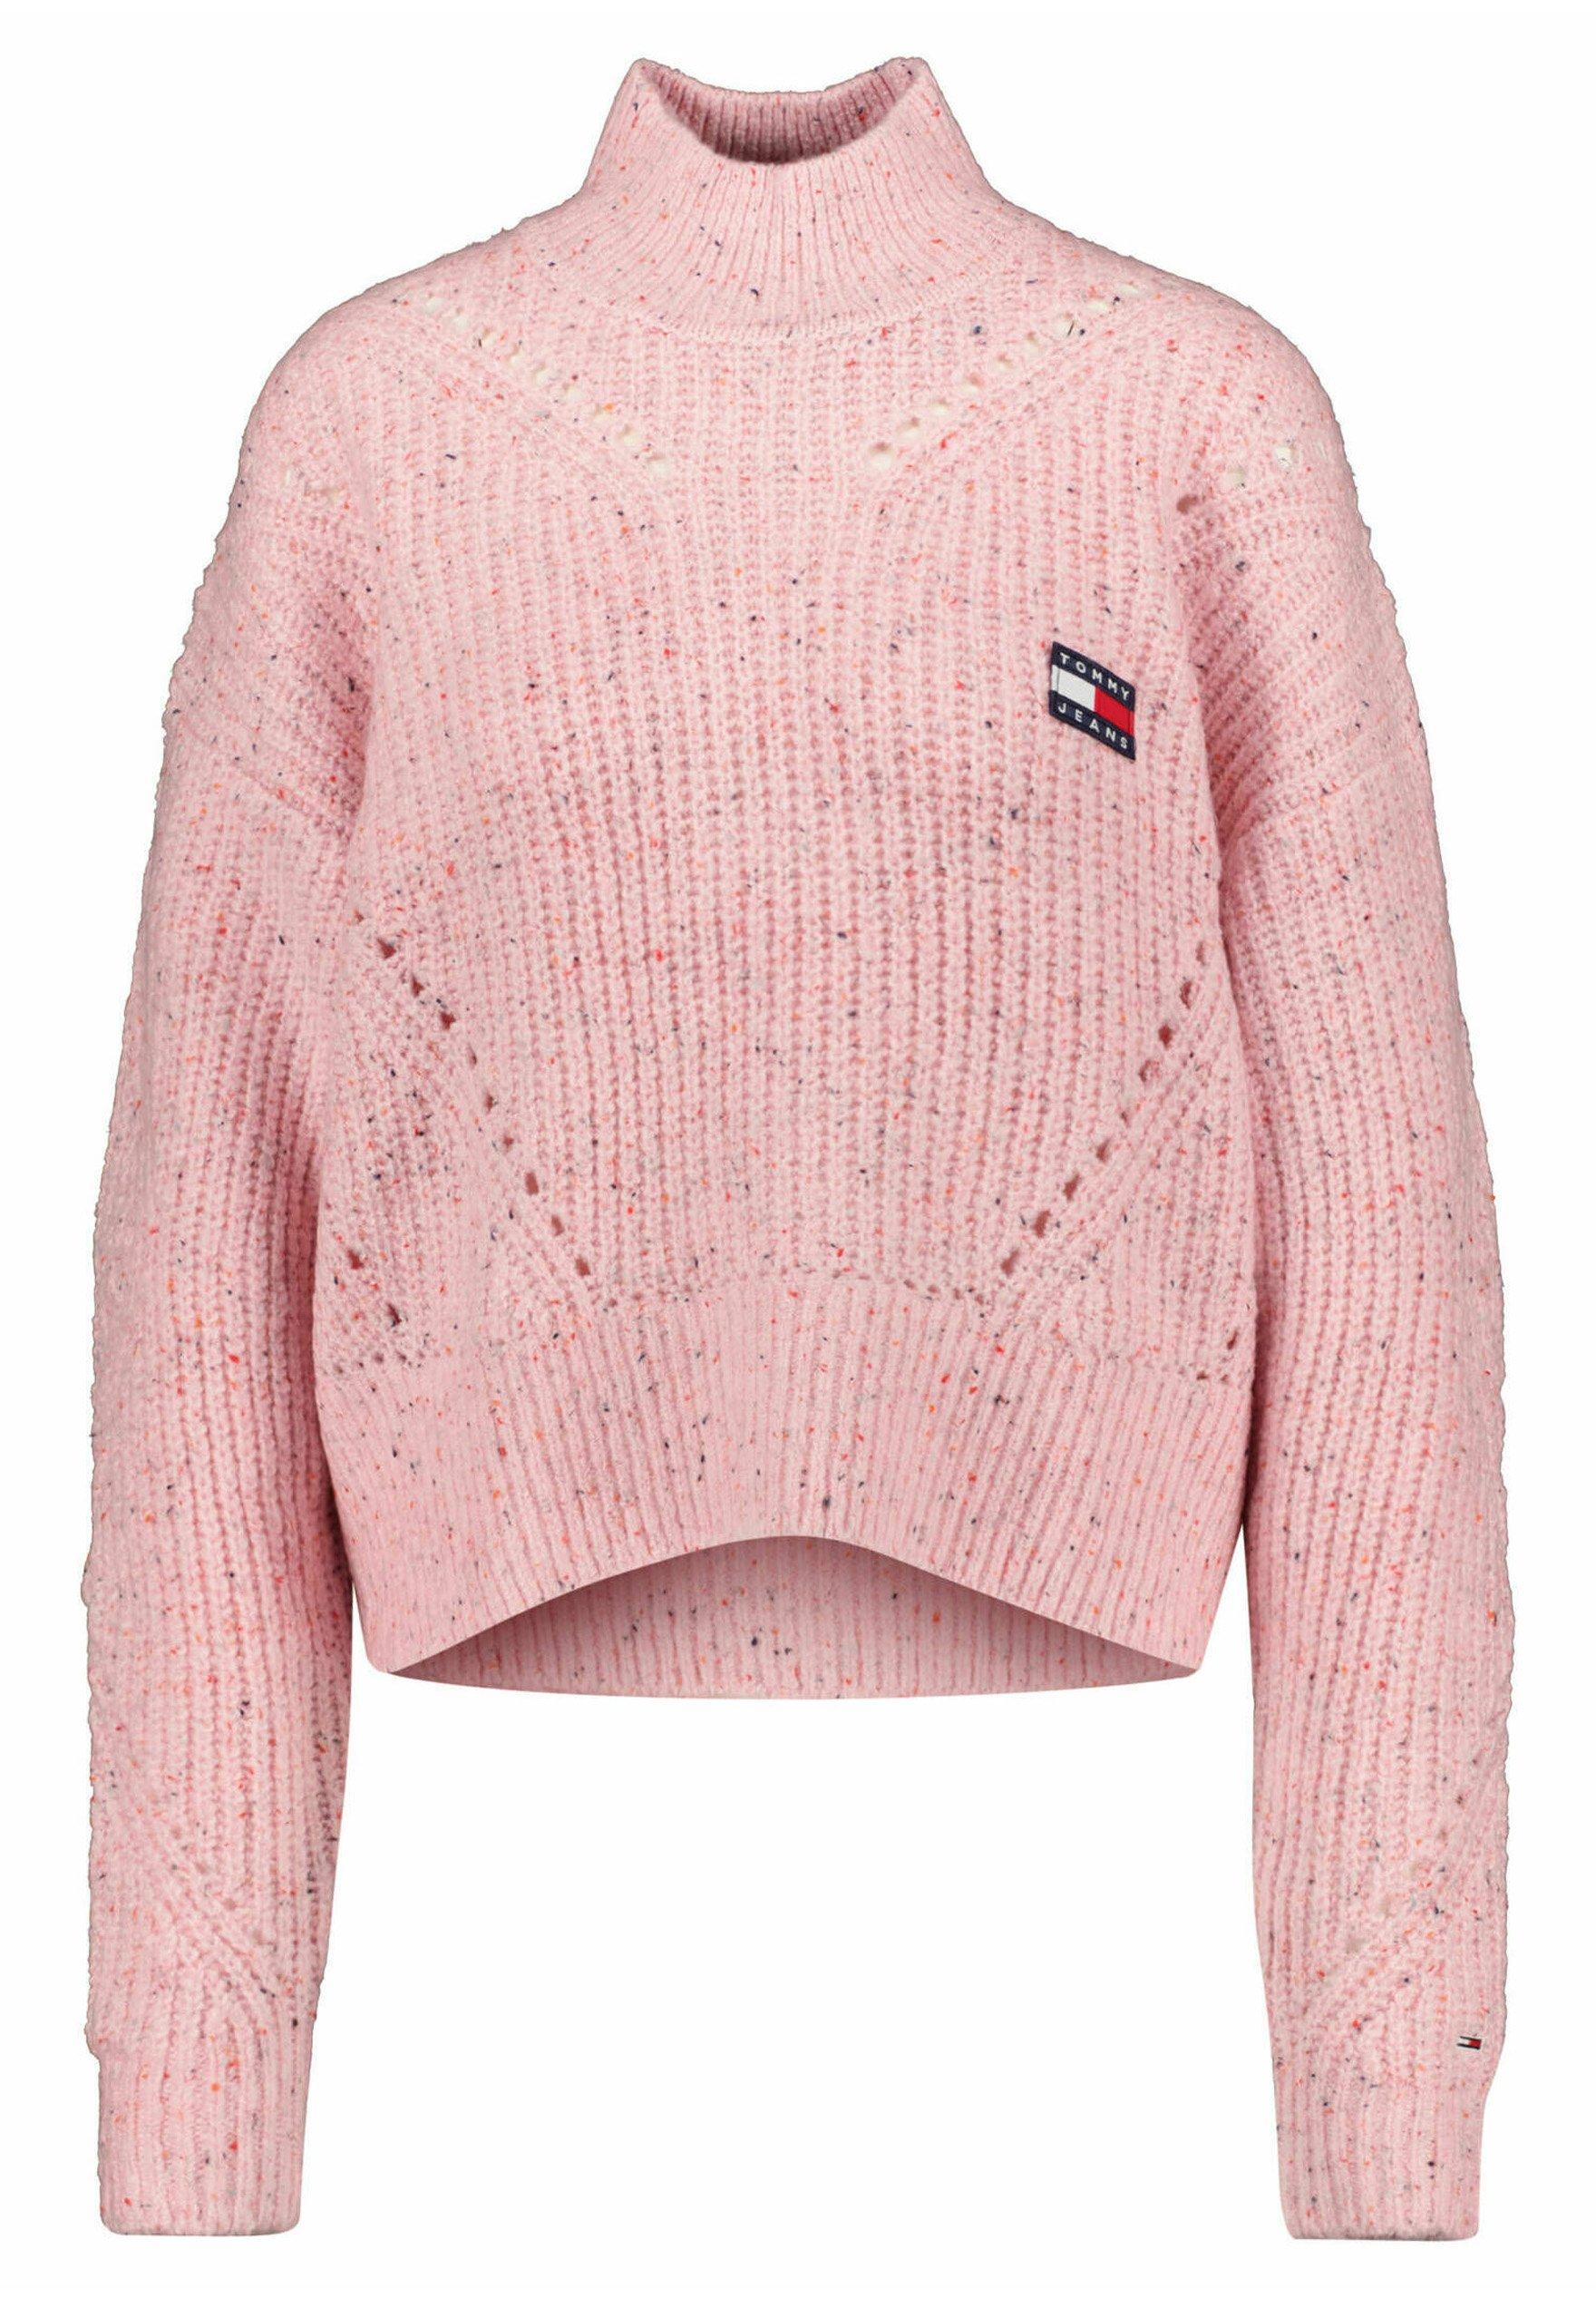 Damen Strickpullover - pink